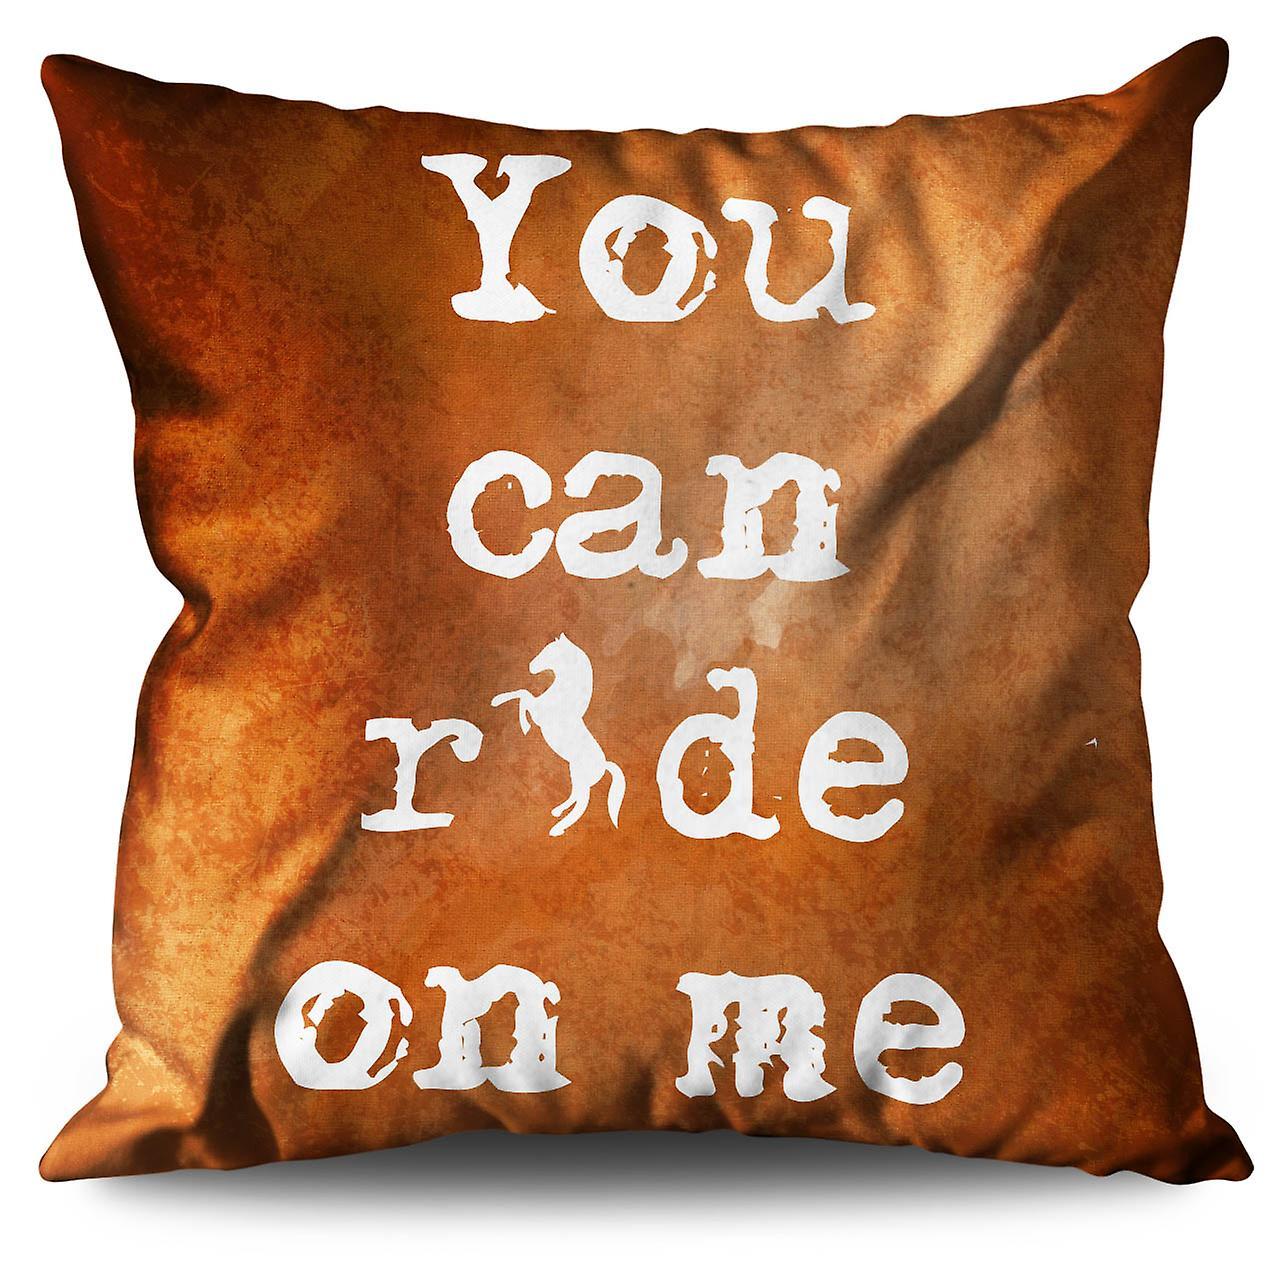 Full Size of Bettwäsche Lustig Ride Me Offensive Lustige Bettwsche Kissen 30 Cm Wellcoda T Shirt Sprüche T Shirt Wohnzimmer Bettwäsche Lustig